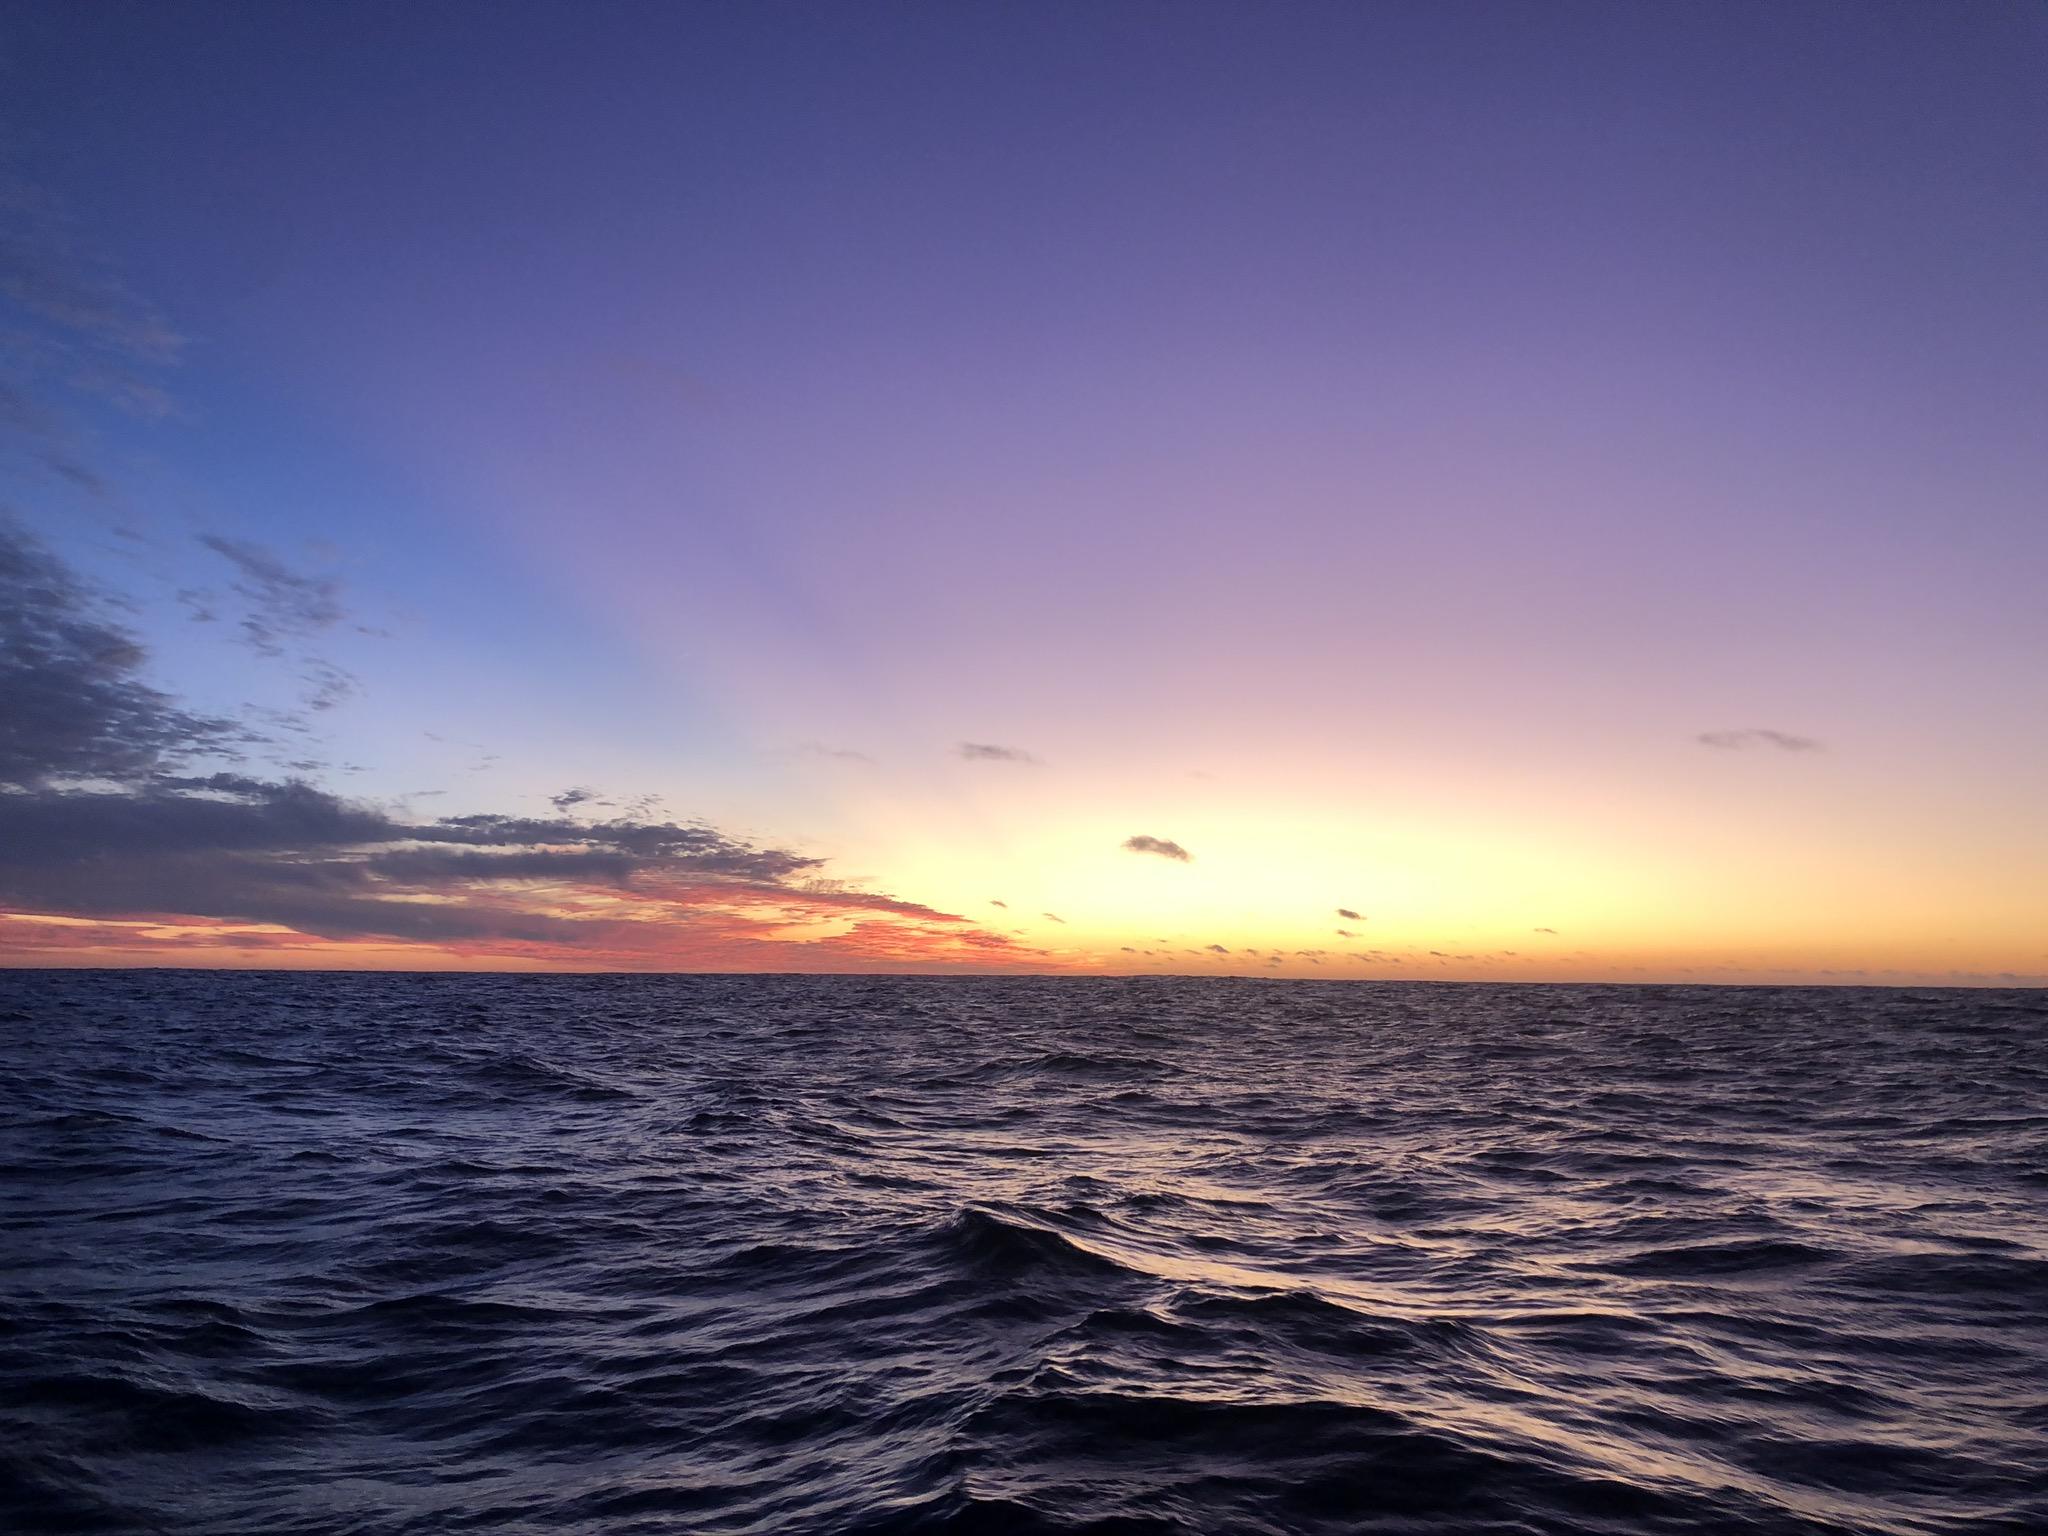 Gedachtes op de oceaan